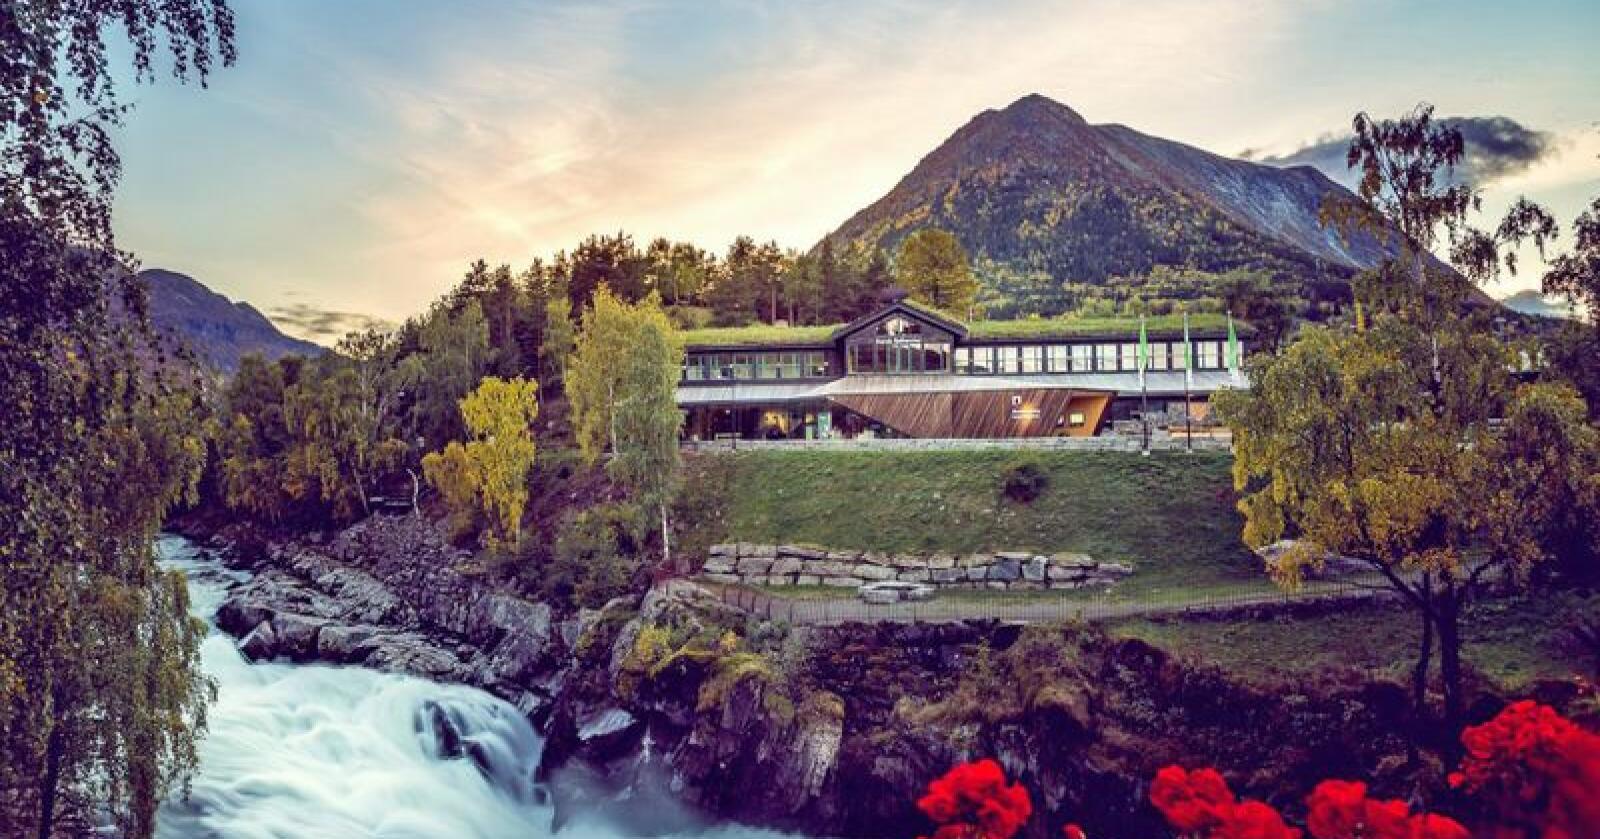 Fjellets puls: Norsk fjellsenter i Lom har investert mange millioner på nye lokaler og utstillinger de siste årene. «Bergtatt» er navnet på den nye storsatsingen – som gjør stedet til et enestående kompetanse- og opplevelsessenter knyttet til fjellområdene våre. Foto: Kristoffer Thuestad